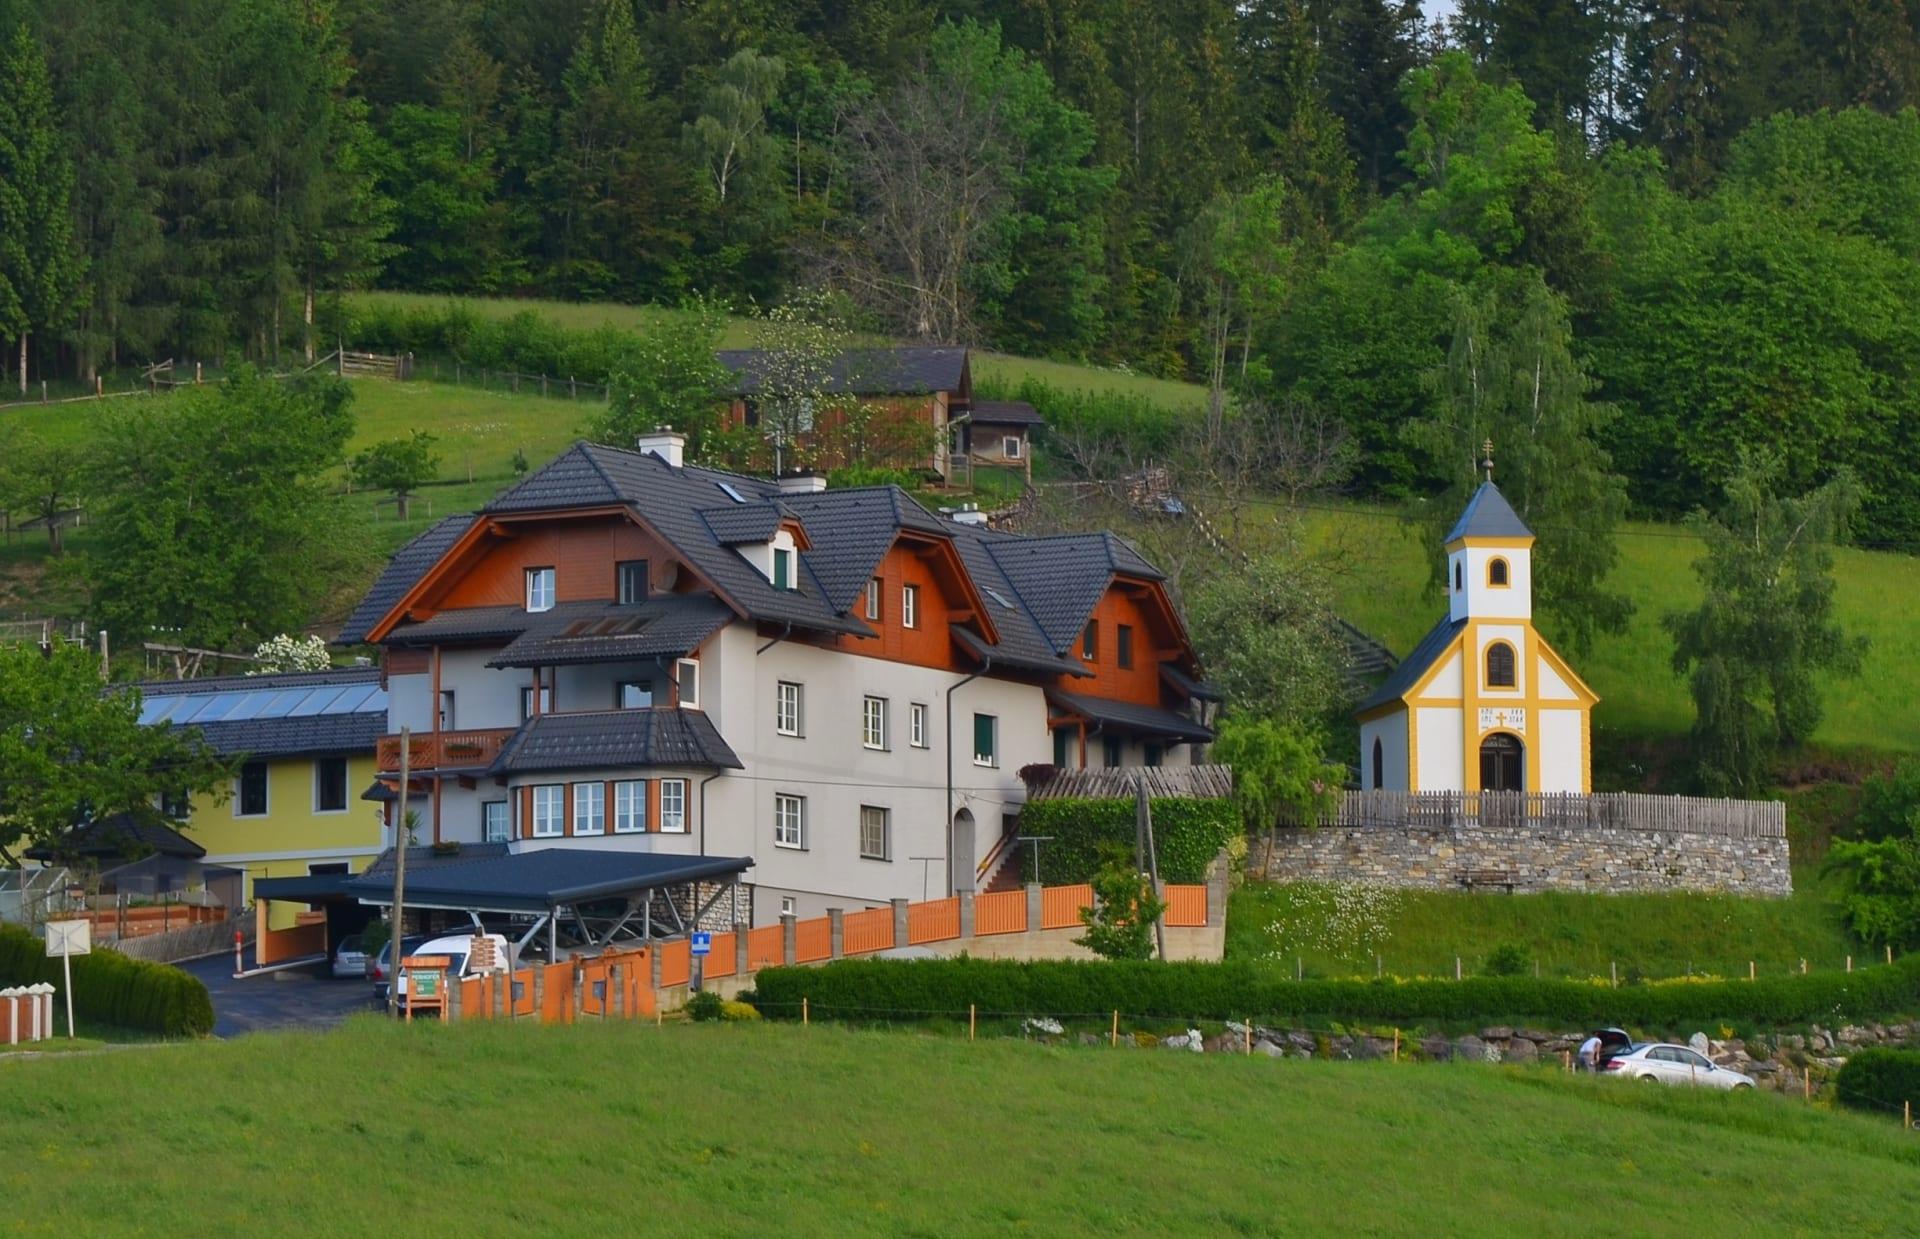 Ferienwohnungen Perhofer - Ihr Urlaubsziel?